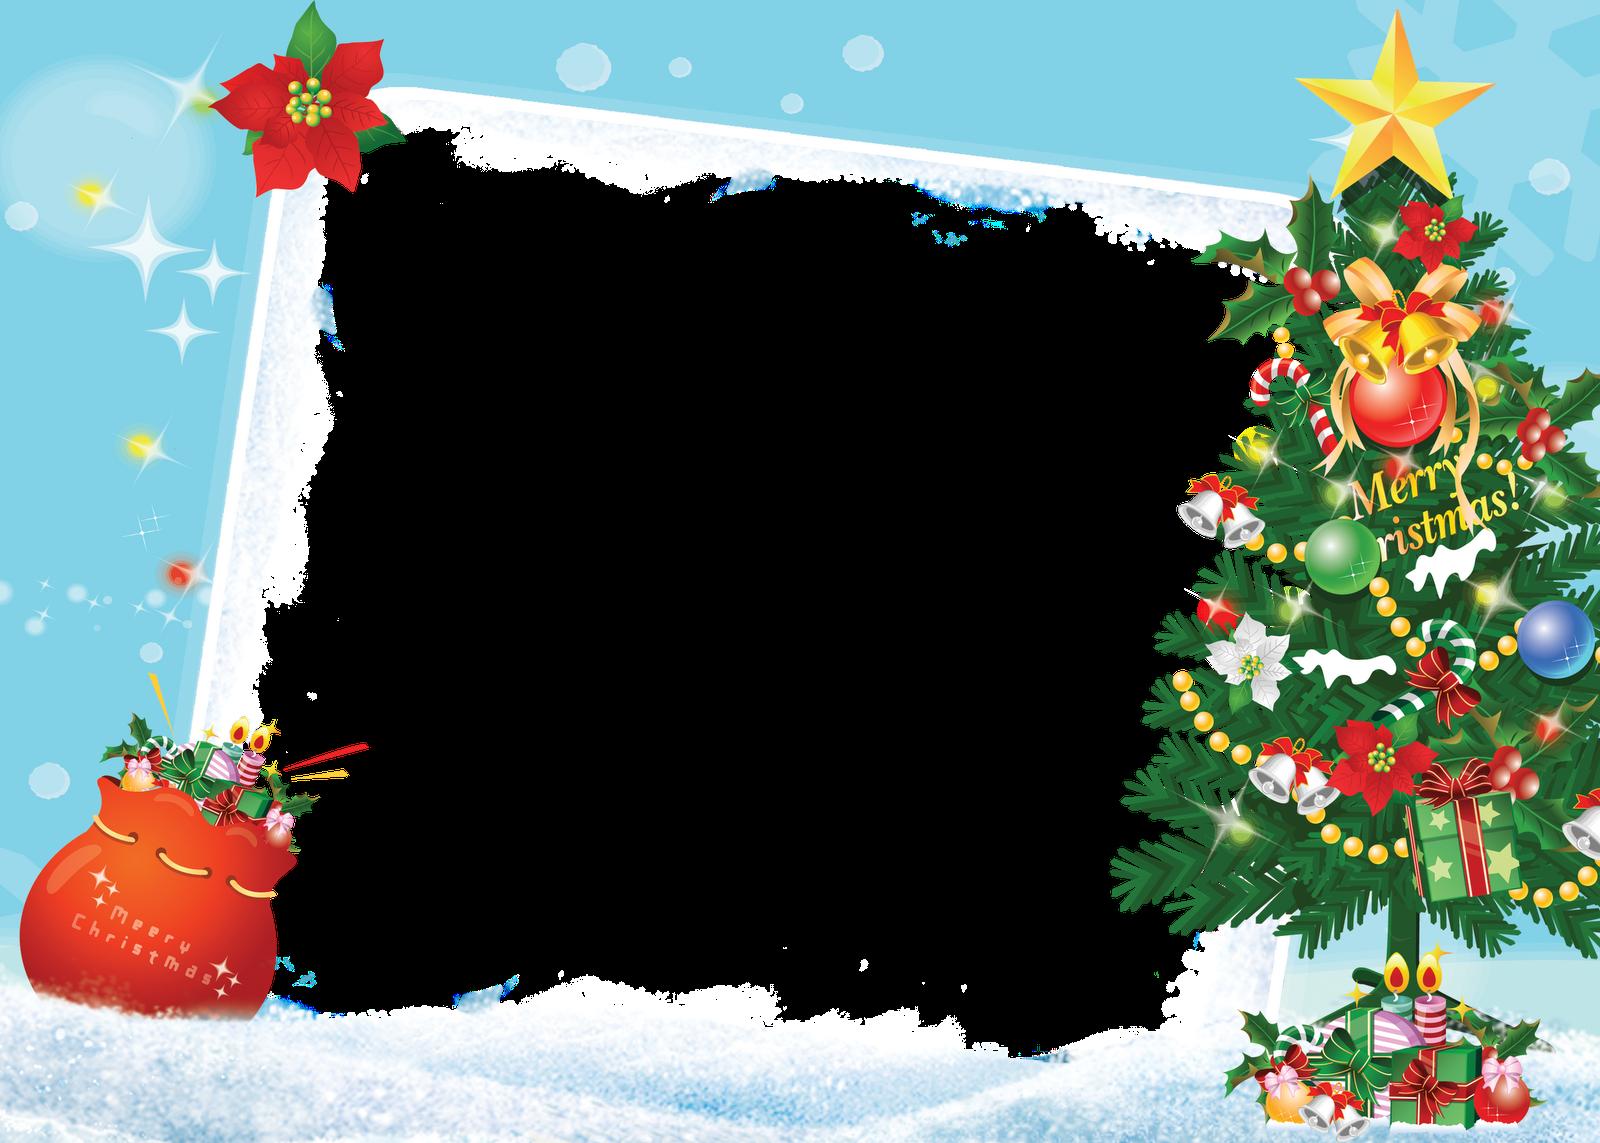 Fondos Navidad para fotos.